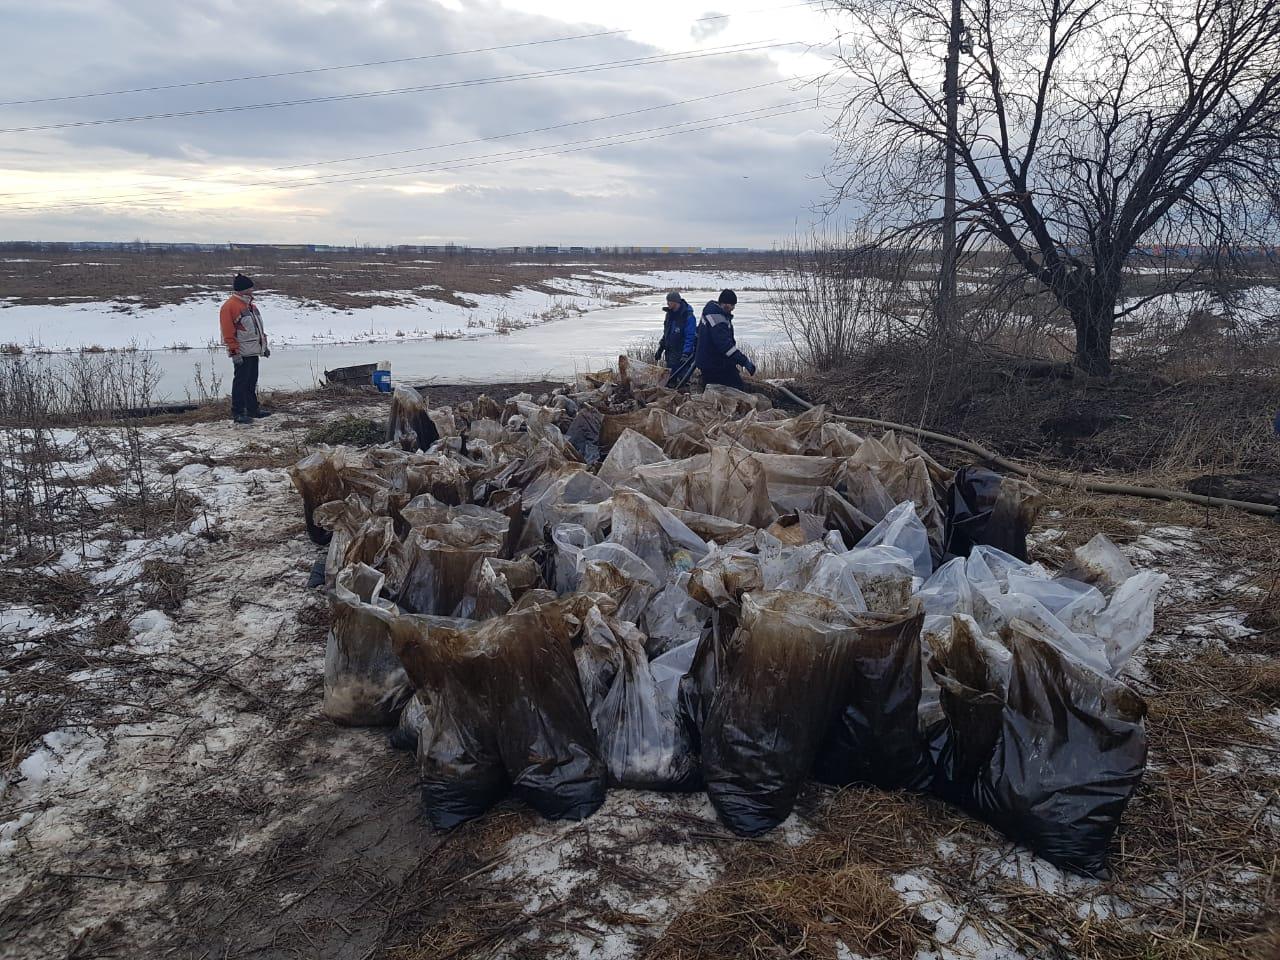 Экологические службы продолжают ликвидировать нефтеразлив в районе реки Кузьминки